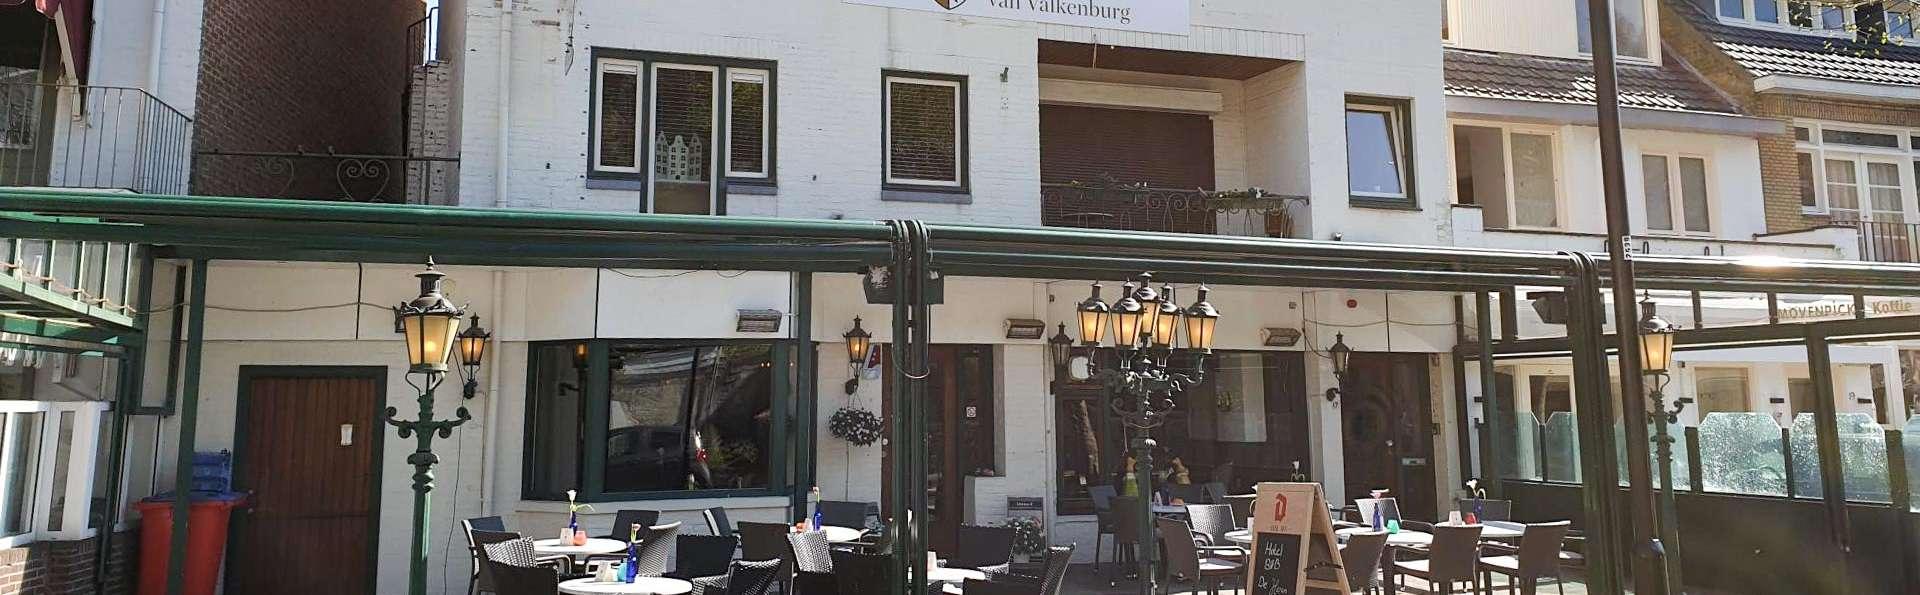 Hotel B&B De Heren van Valkenburg - EDIT_FRONT_01.jpg